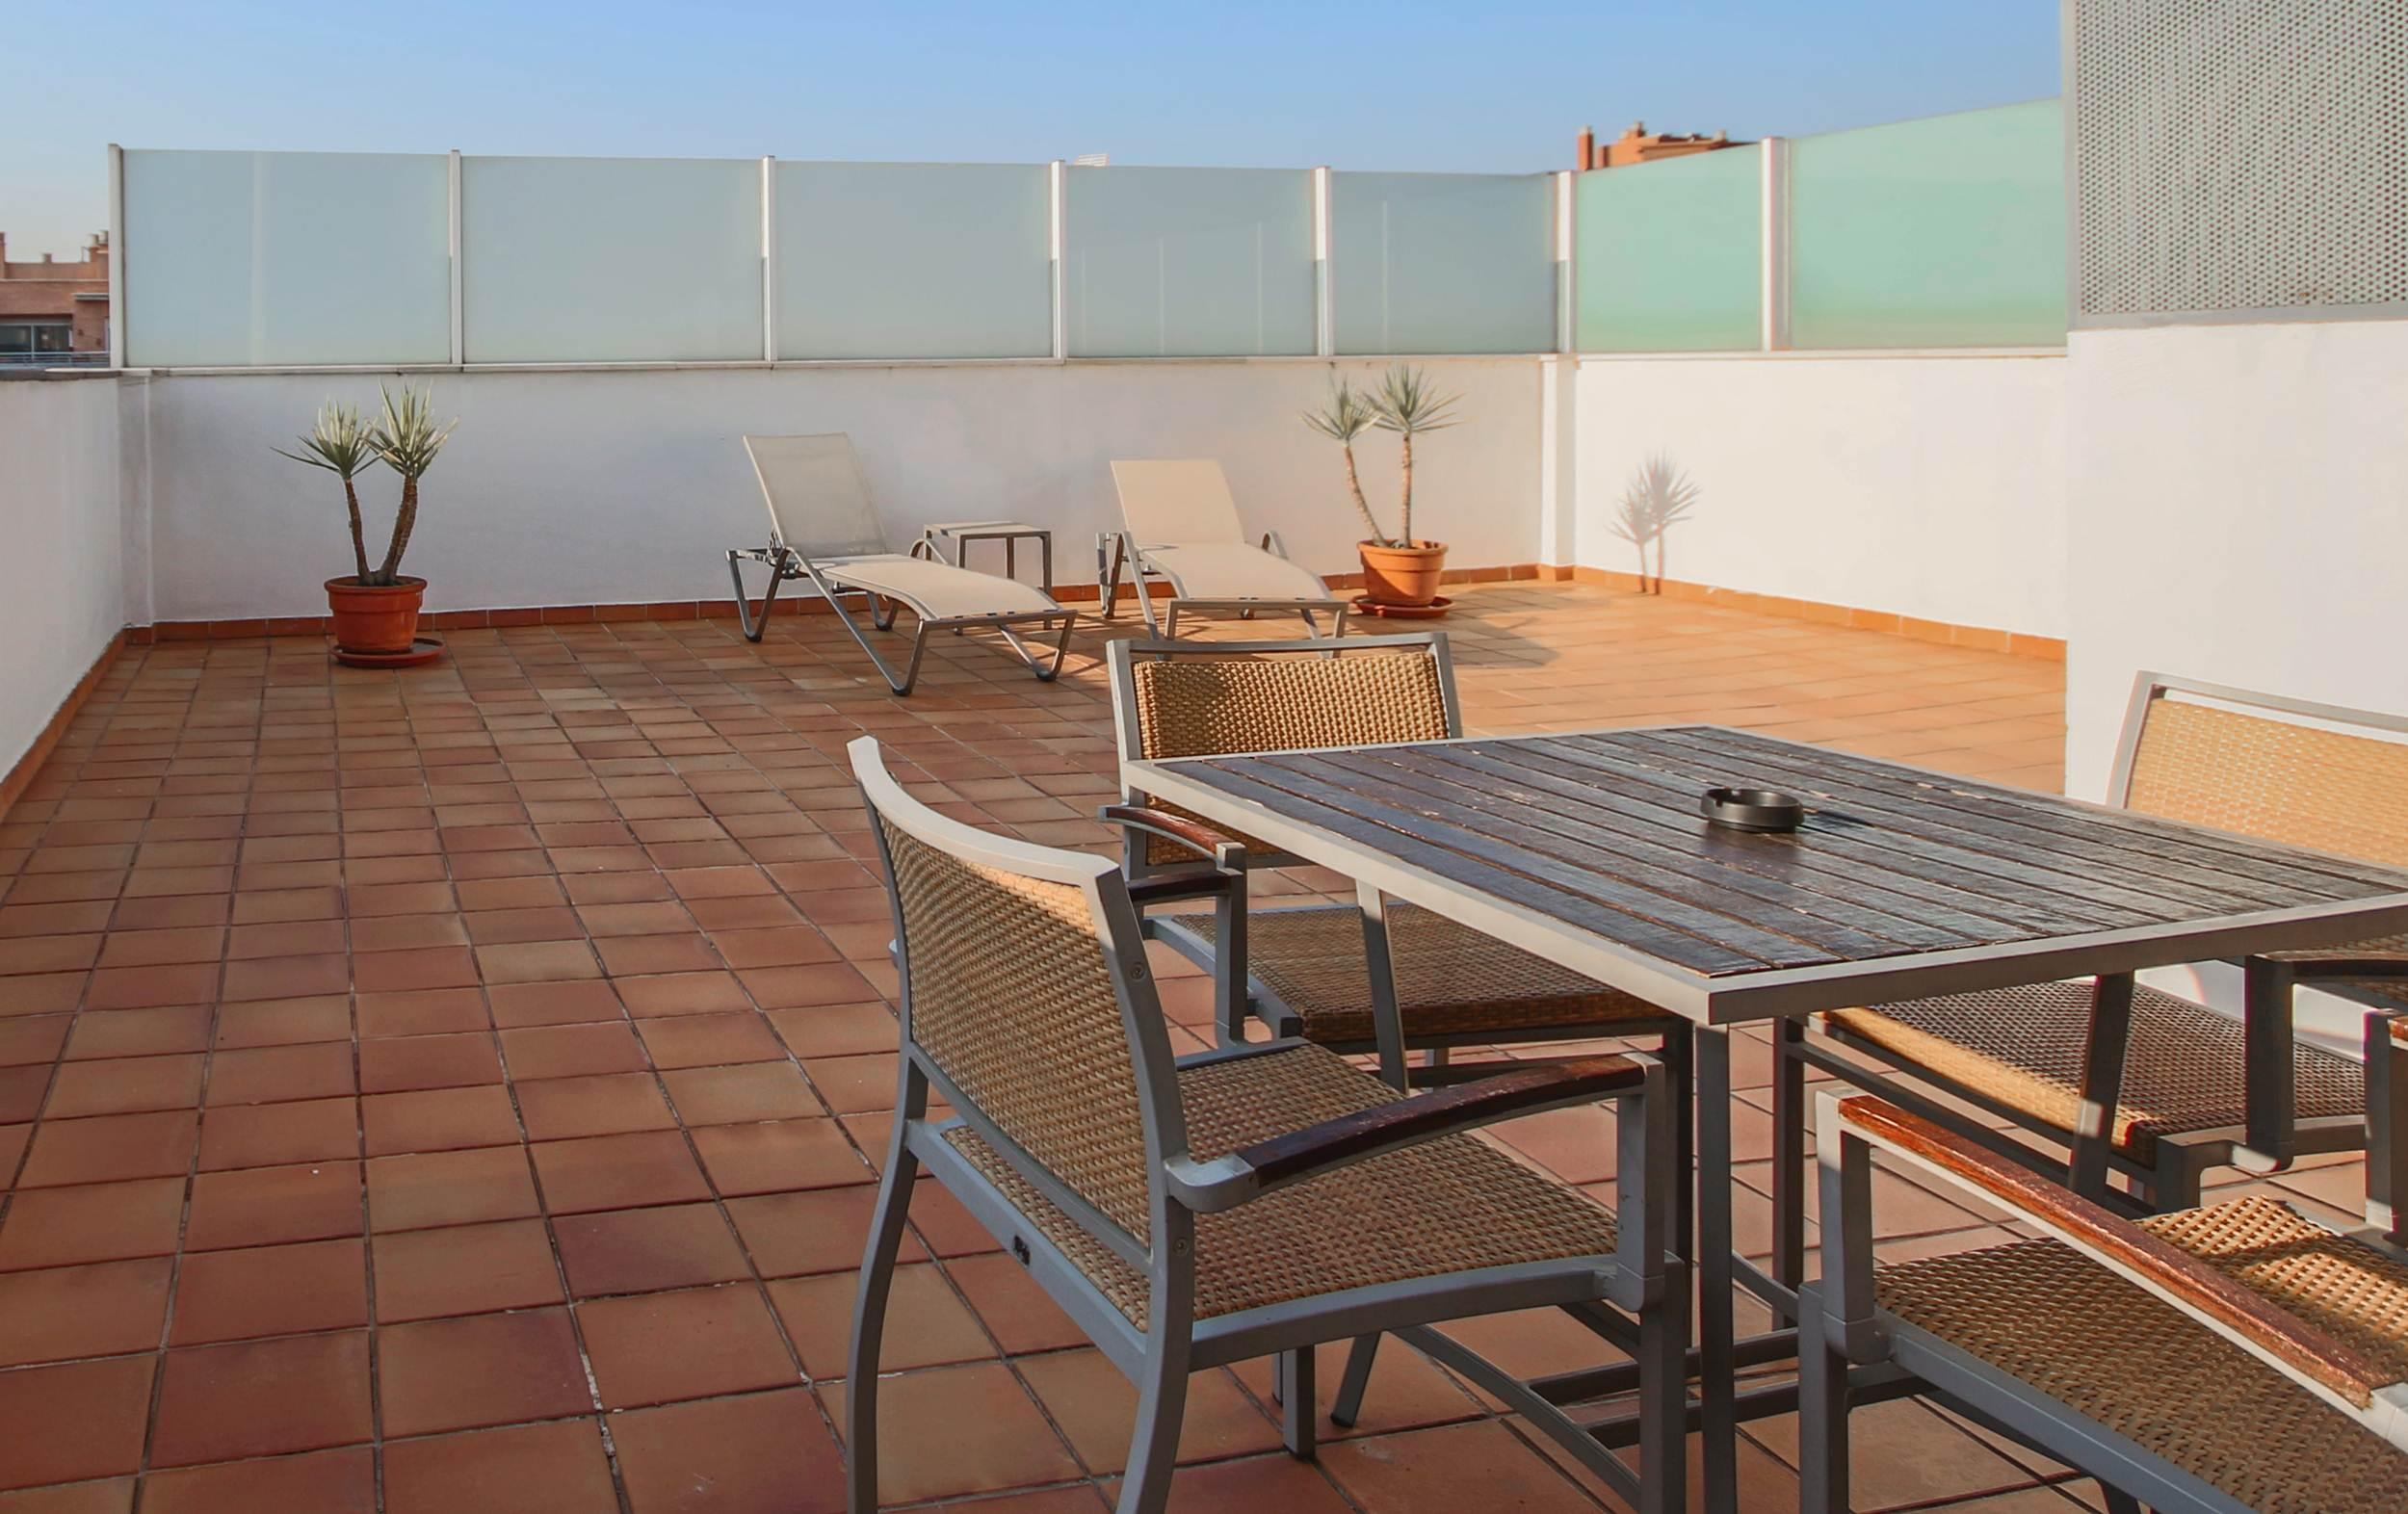 B&B HOTEL GRANADA ESTACION - Hotel cerca del Estación de Autobuses